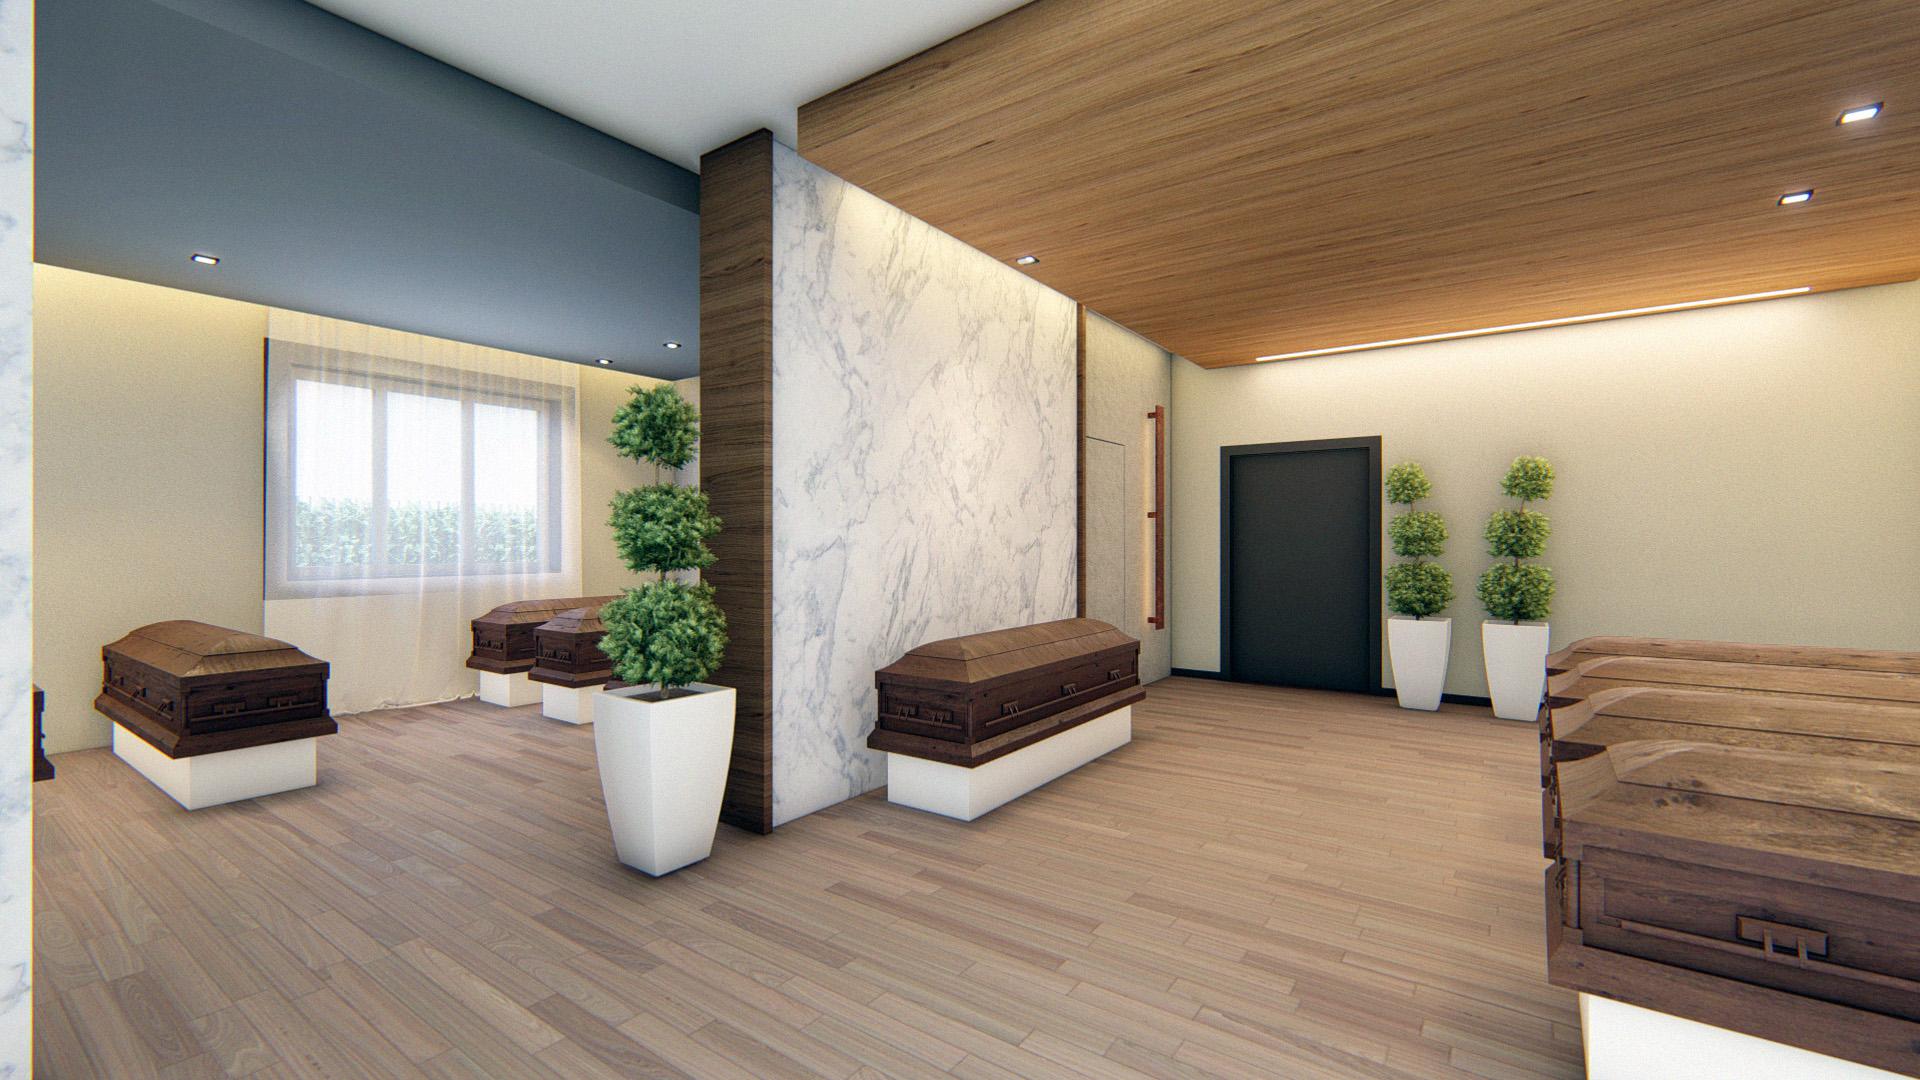 Interior Design per Funeral Home